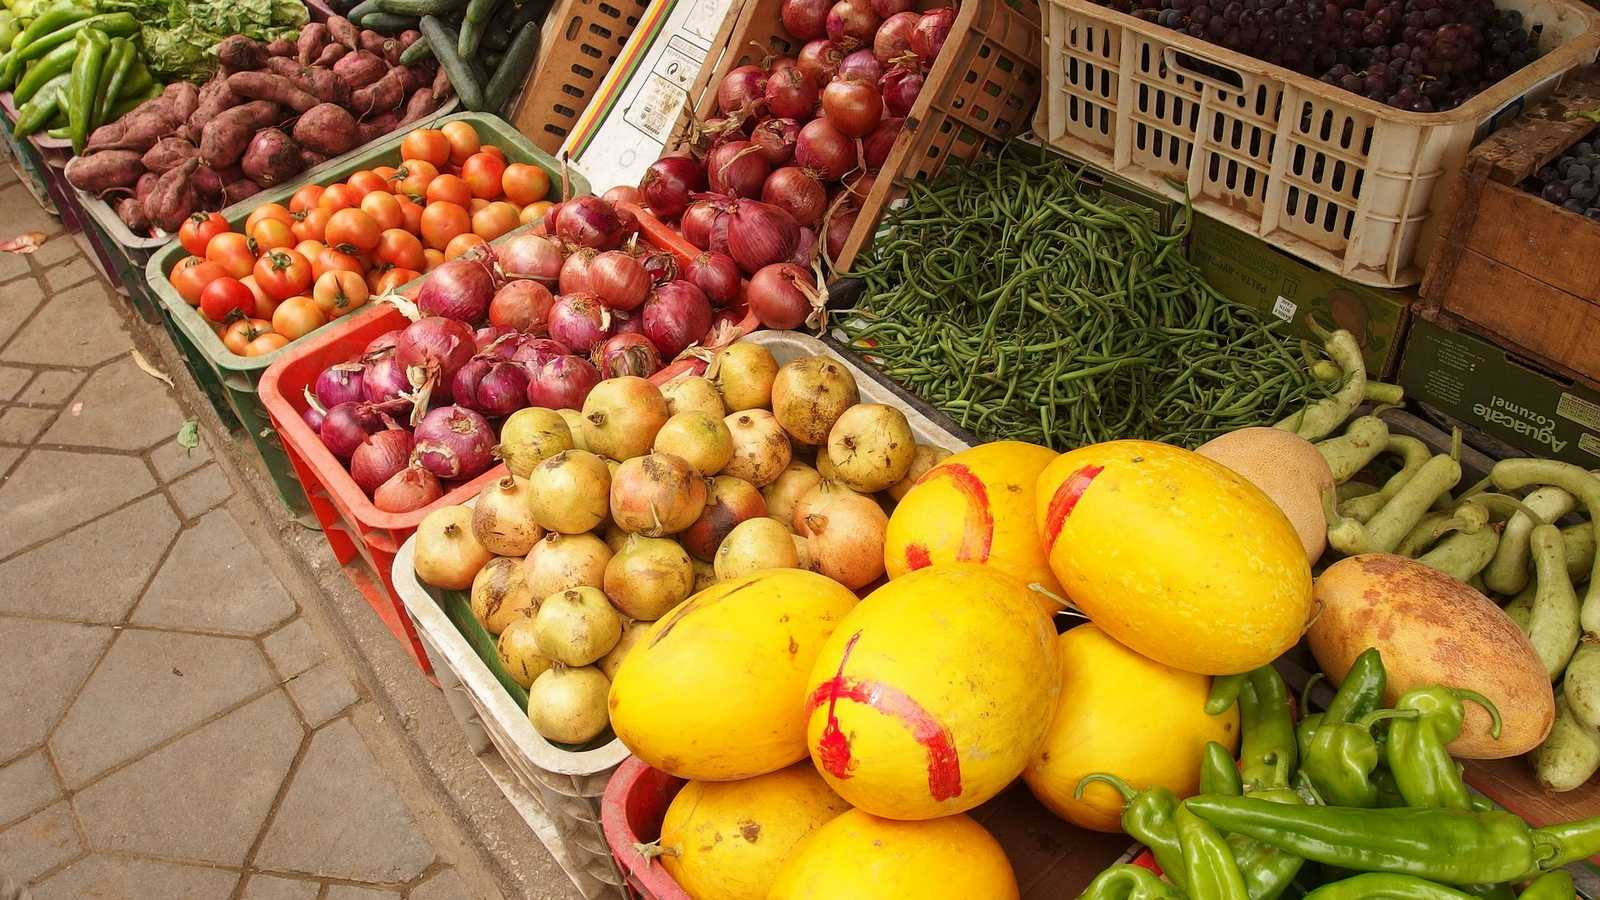 torkil-veg-market-2749020-1600x